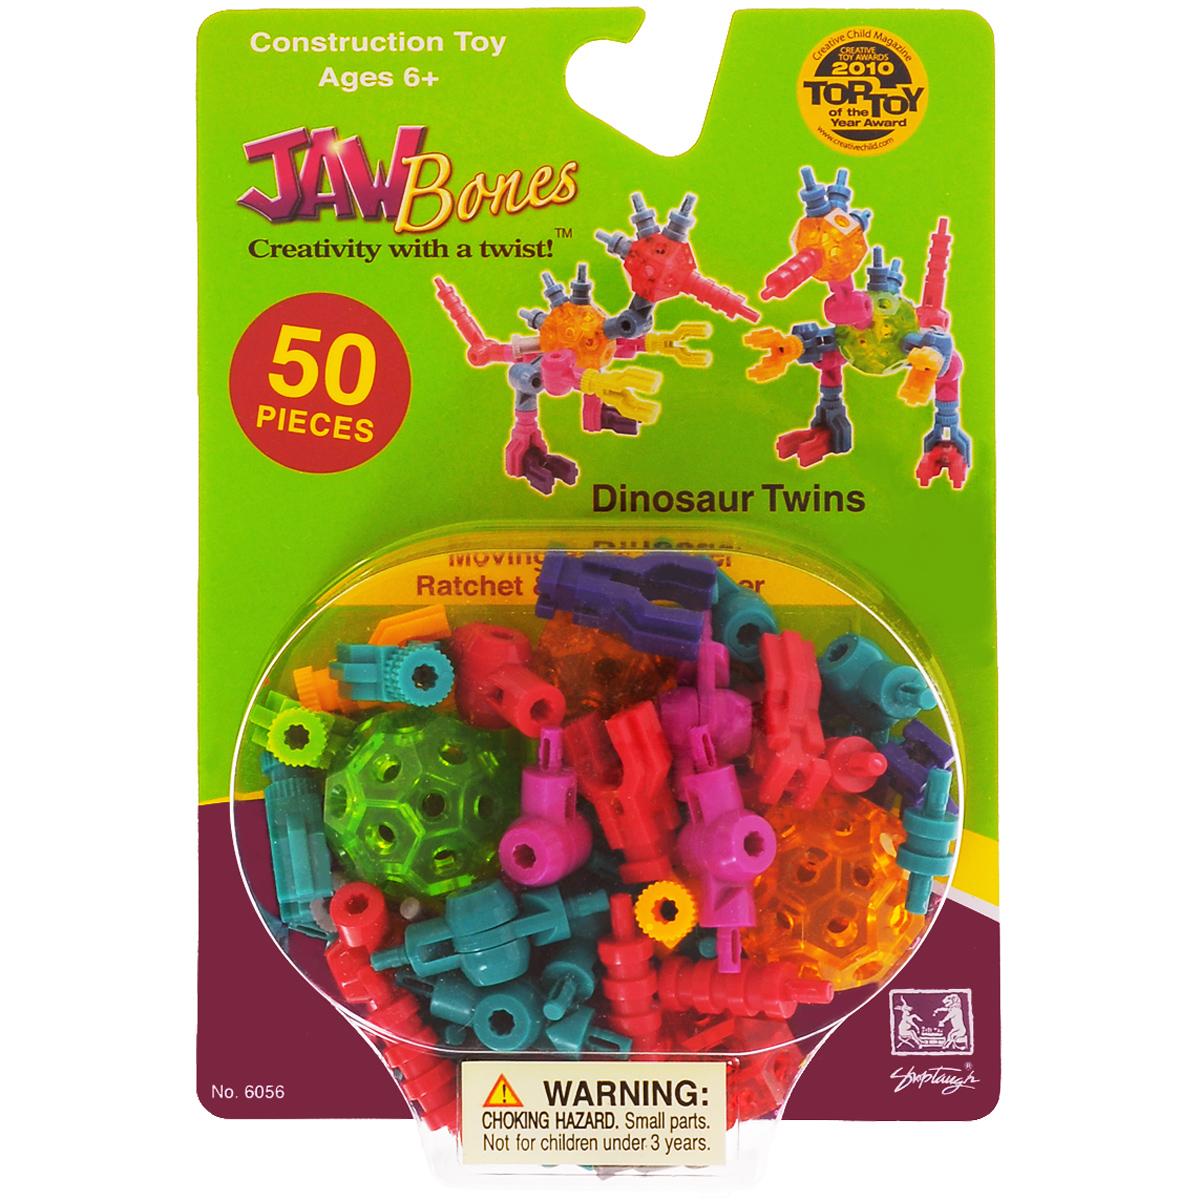 Jawbones Конструктор Динозавры Близнецы, Shoptaugh Games Inc.